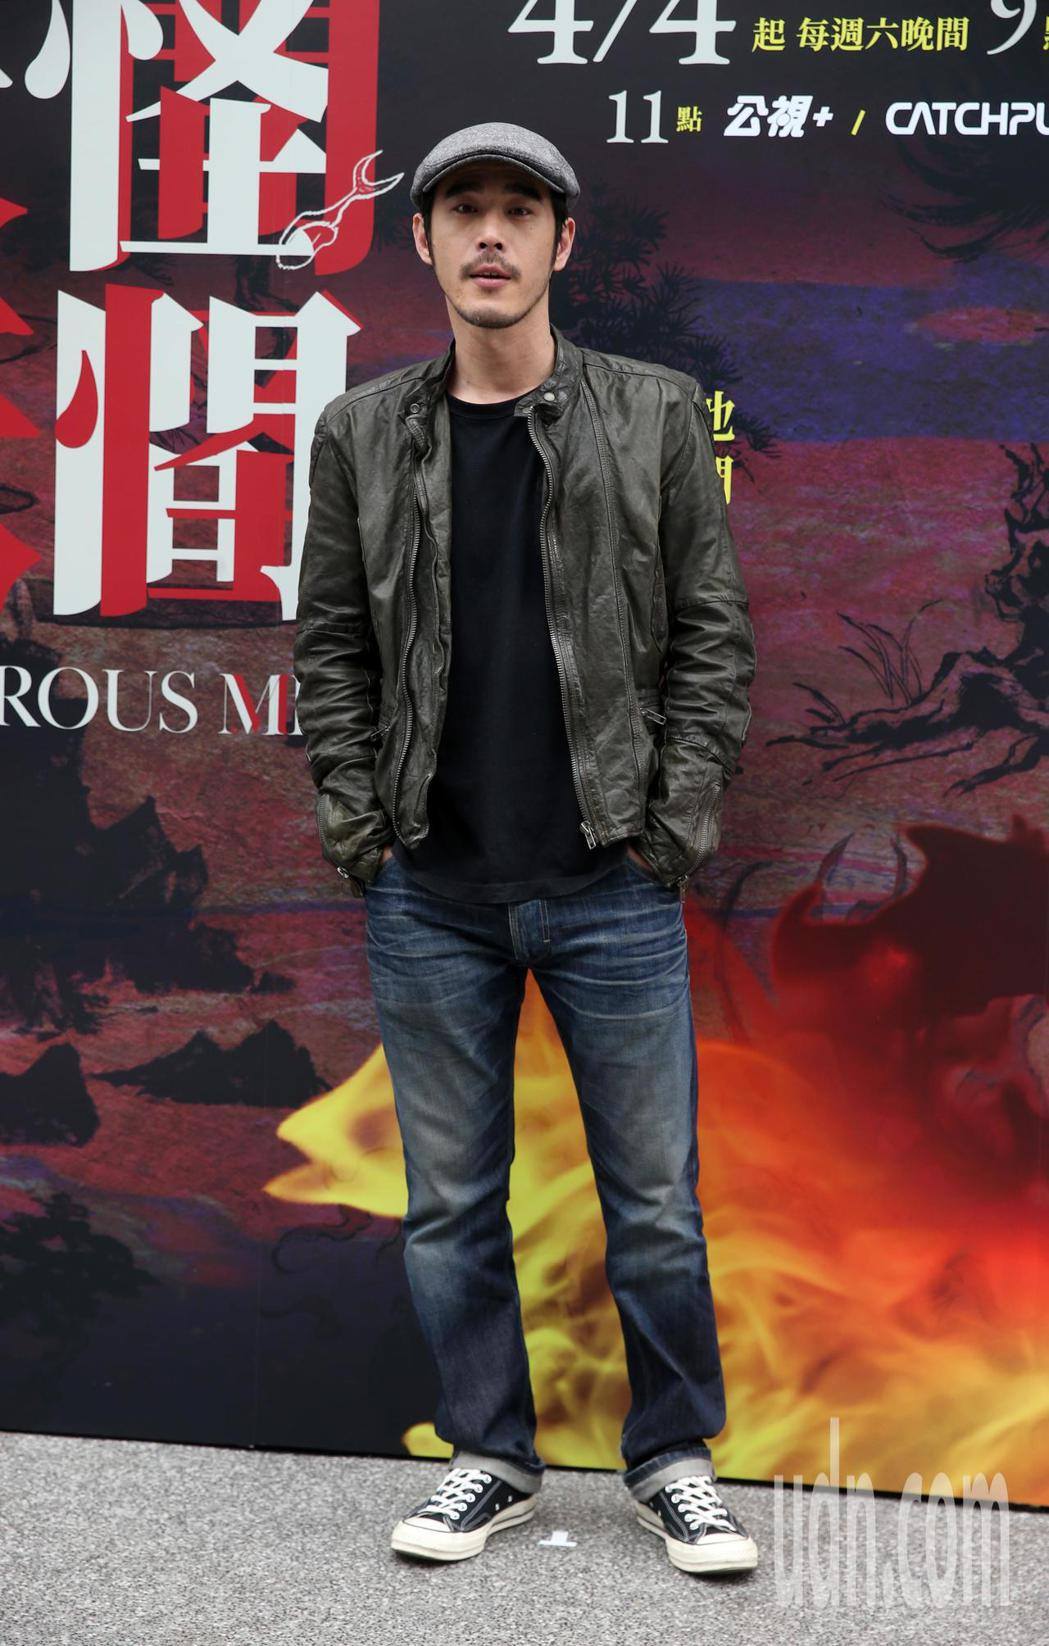 公視「妖怪人間」首映會,黃騰浩等人出席。記者曾吉松/攝影